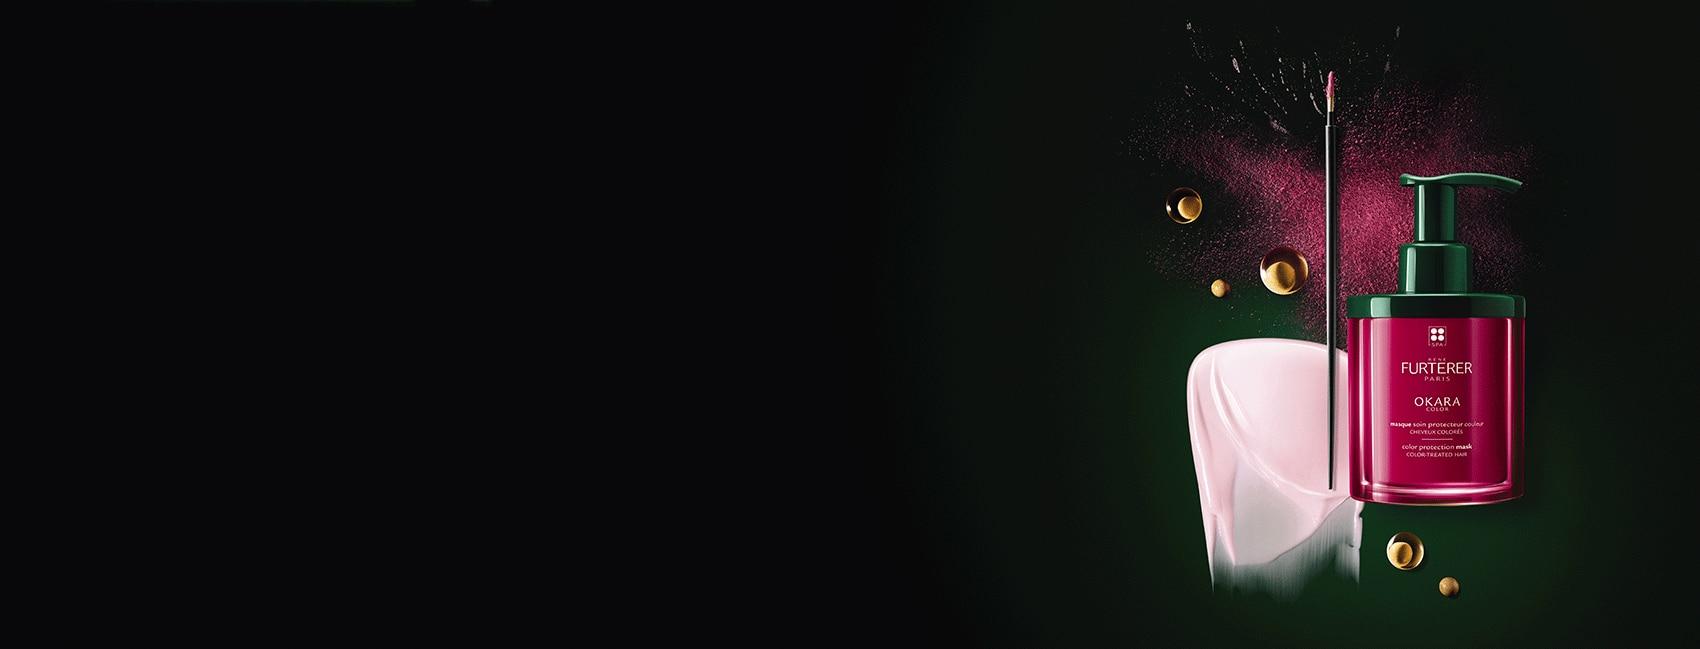 OKARA COLOR - Schitterend kleurritueel - Gekleurd haar | René Furterer